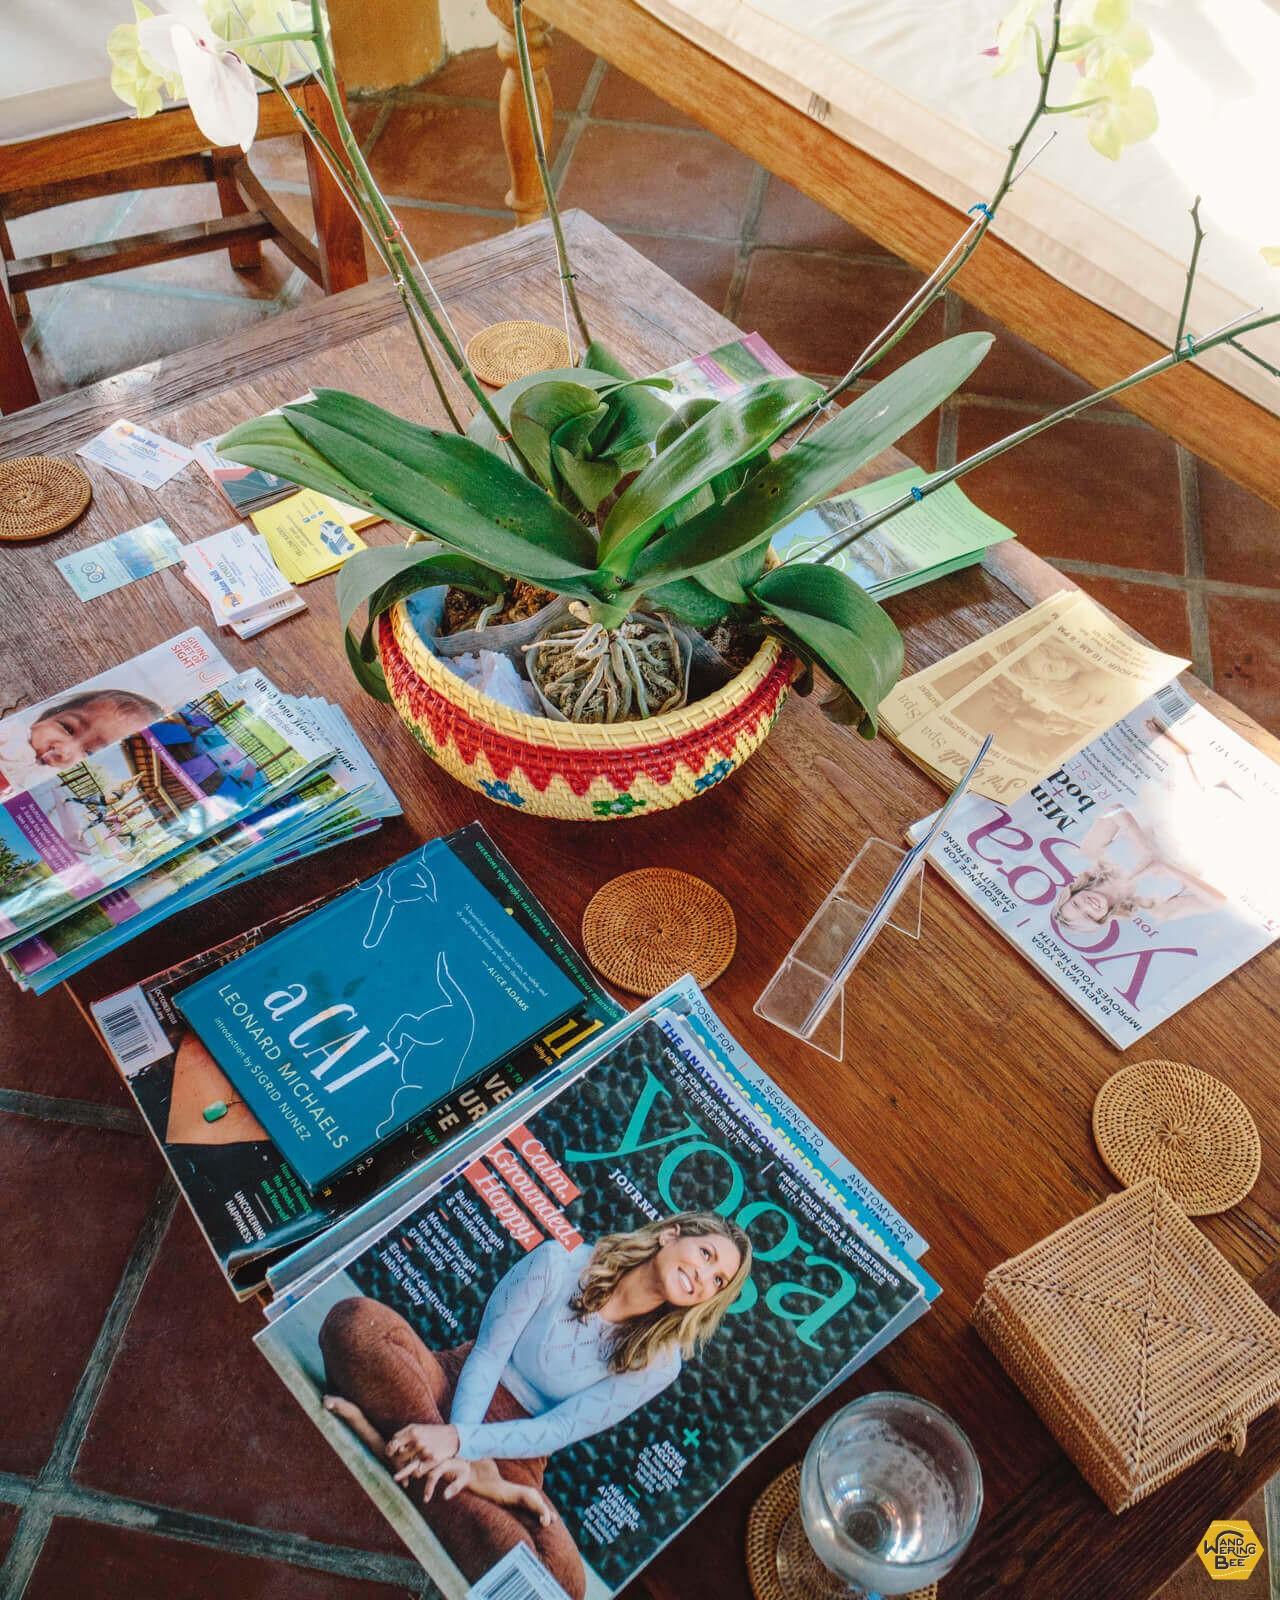 Ubud Yoga Houseにはヨガ関連の本、雑誌もたくさん置かれています